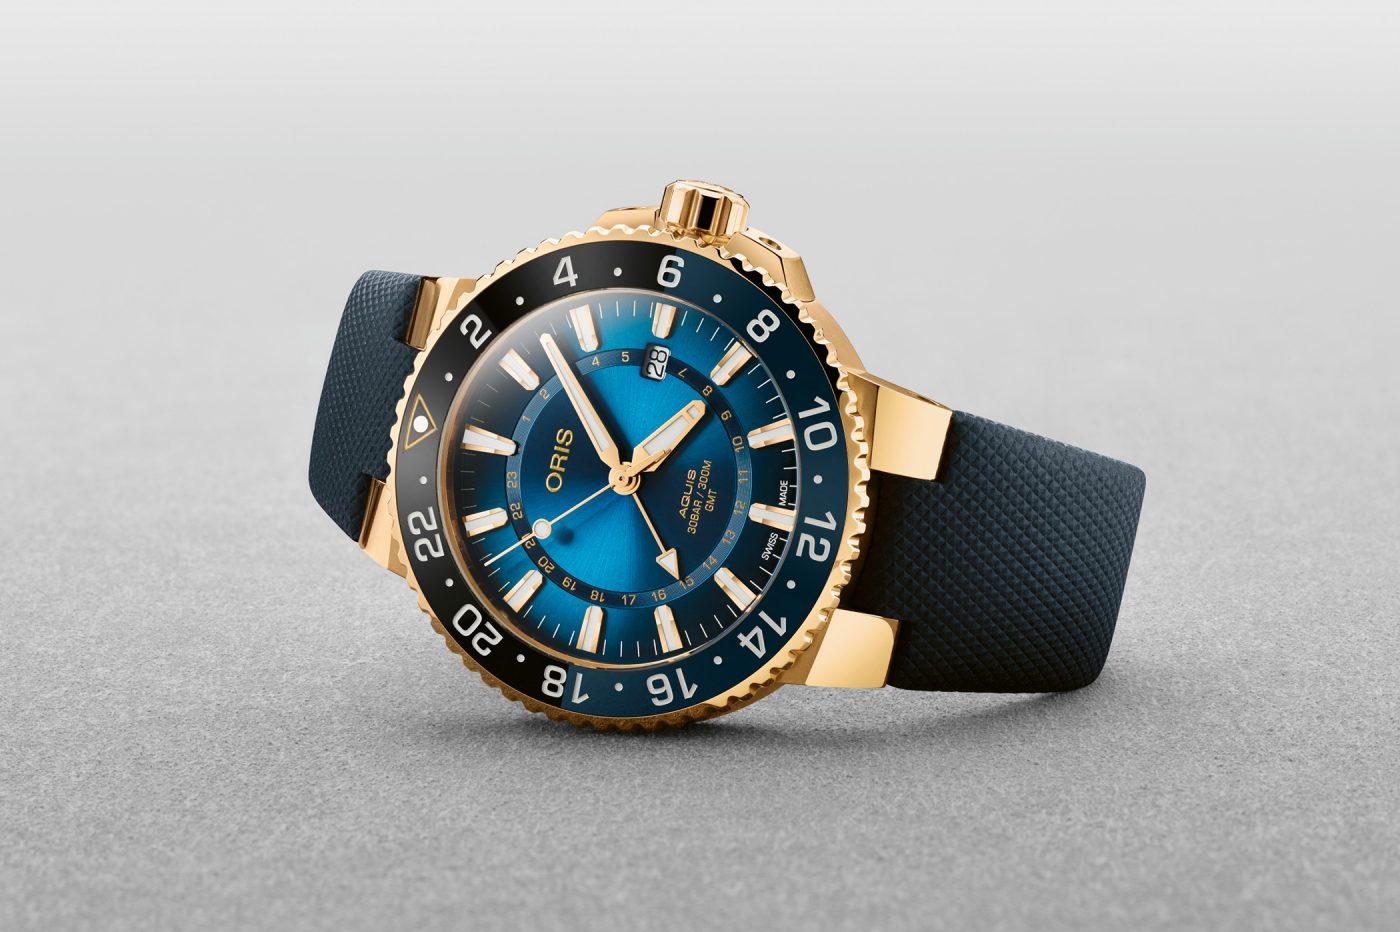 Oris Aquis GMT Carysfort Reef LE